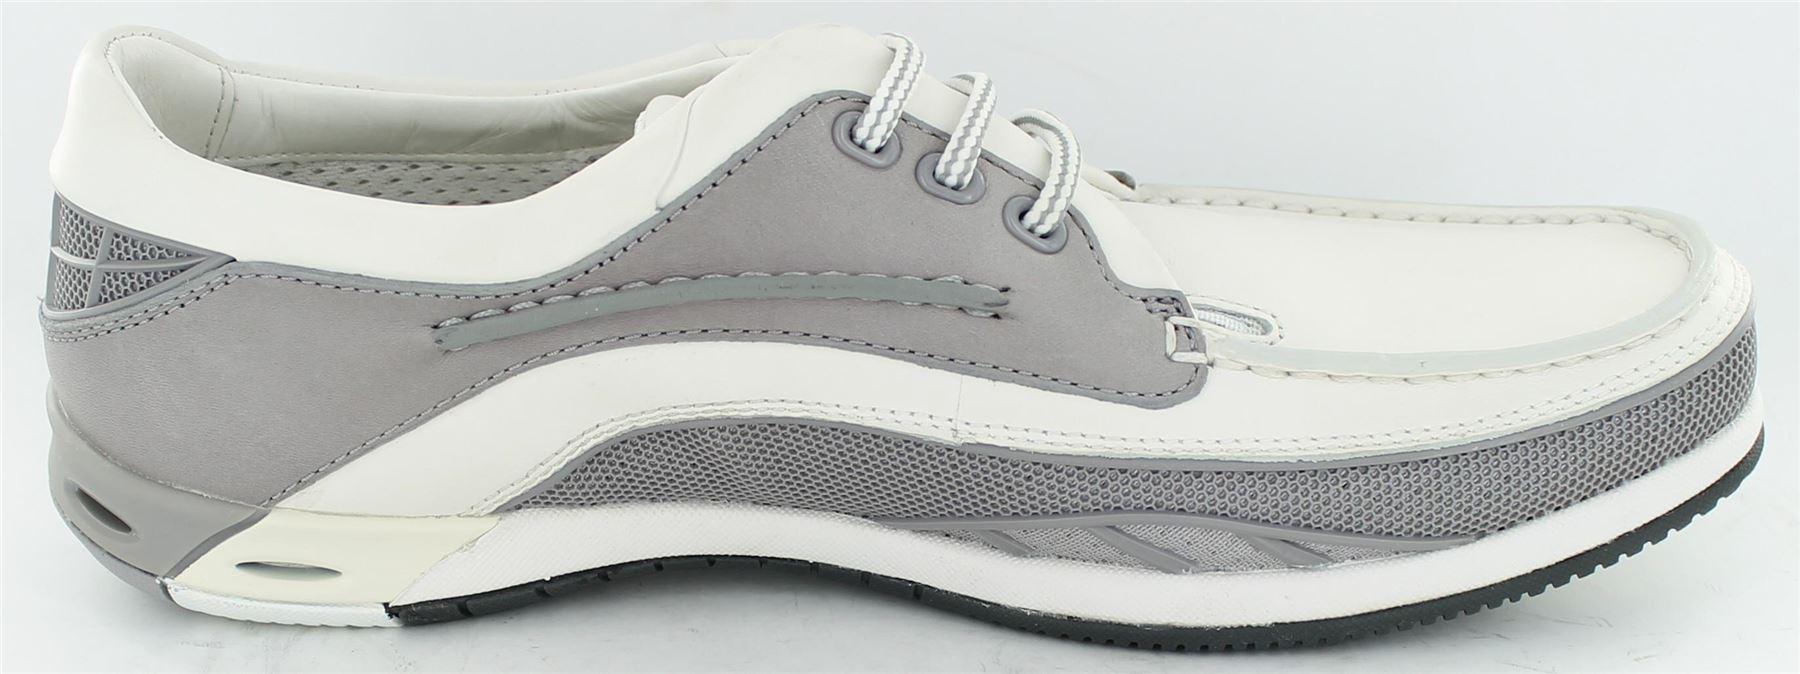 Details about Mens Clarks Shoes Orson Lace